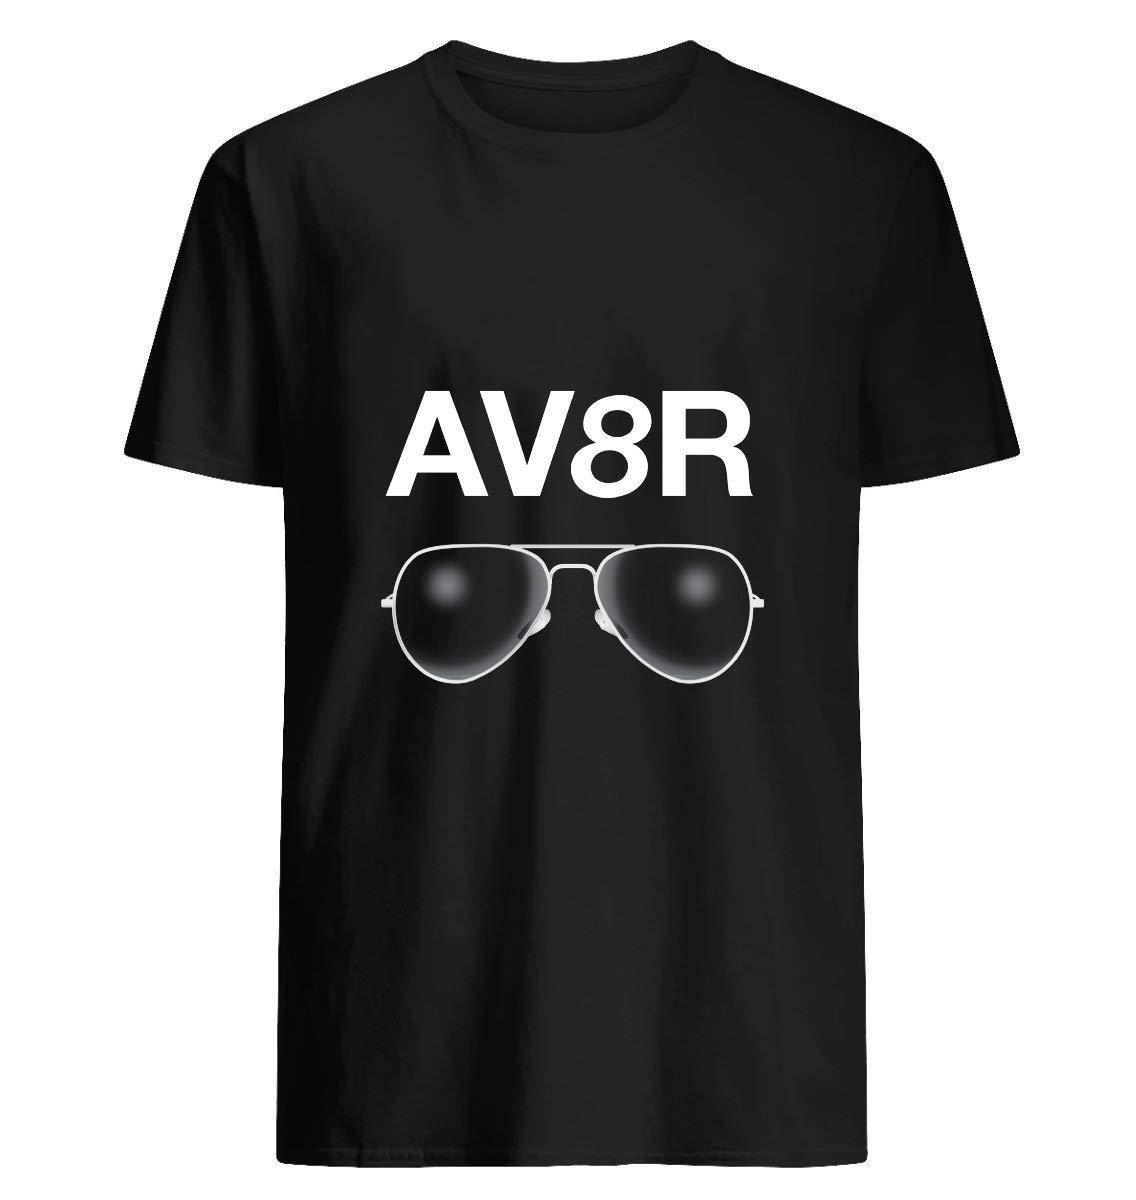 Av8r With A Pair Of Aviator Sunglasses 9 T Shirt For Unisex